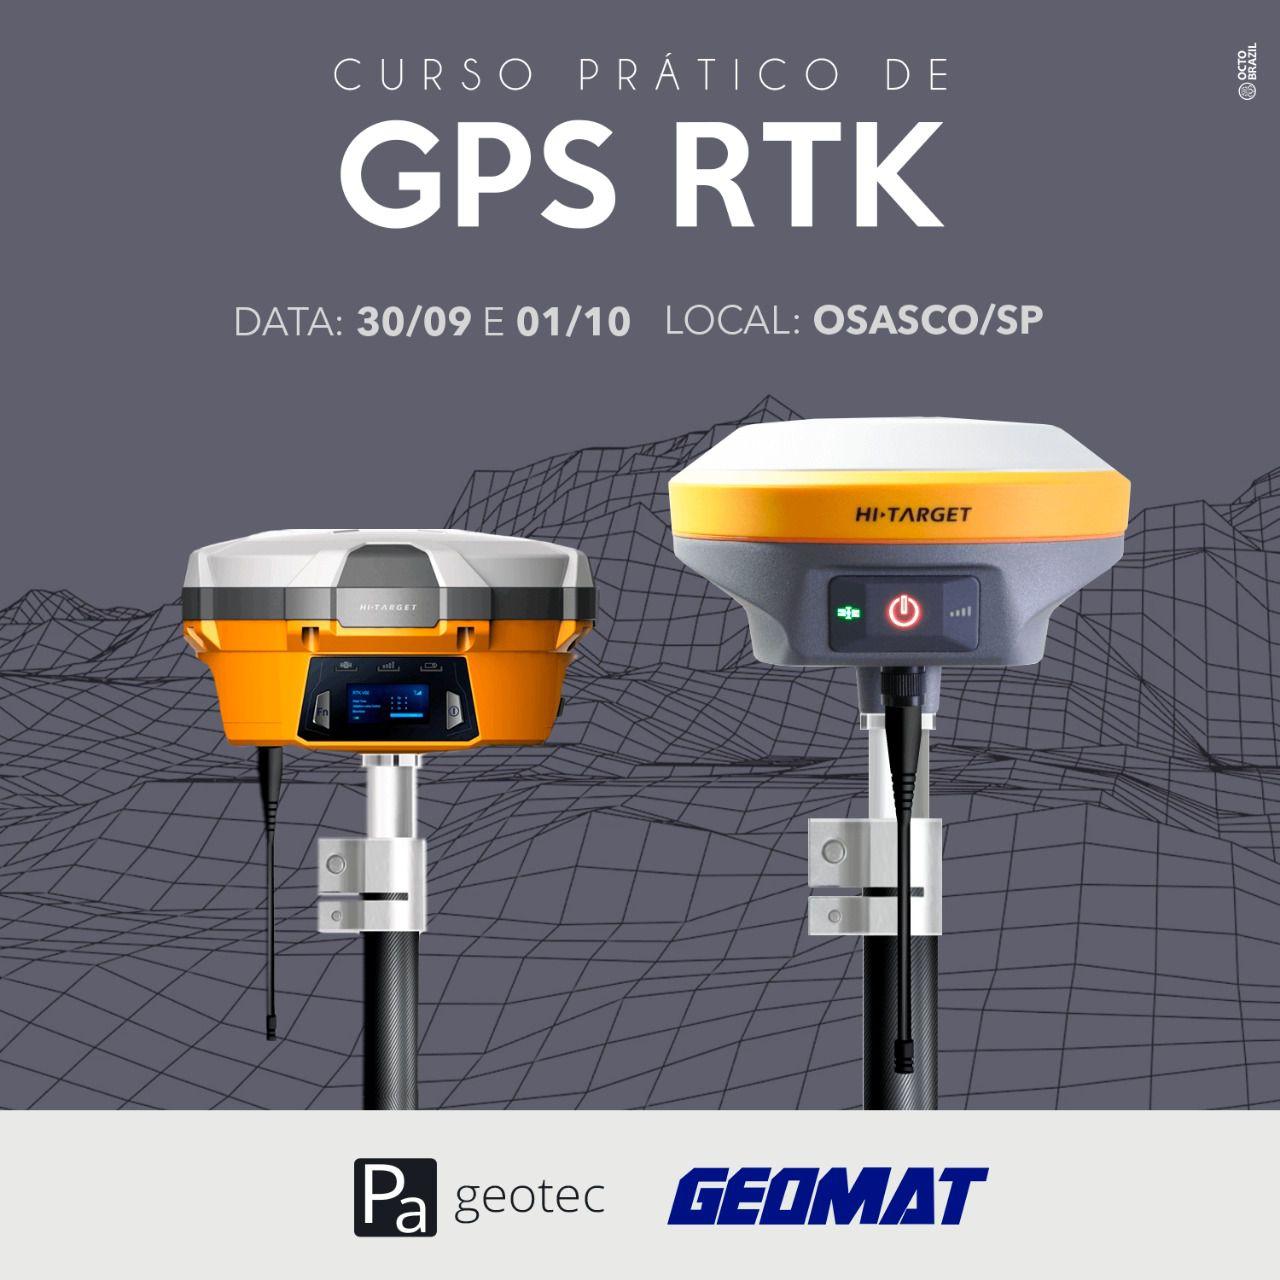 Treinamento Prático de GNSS RTK Operacional - Osasco/SP